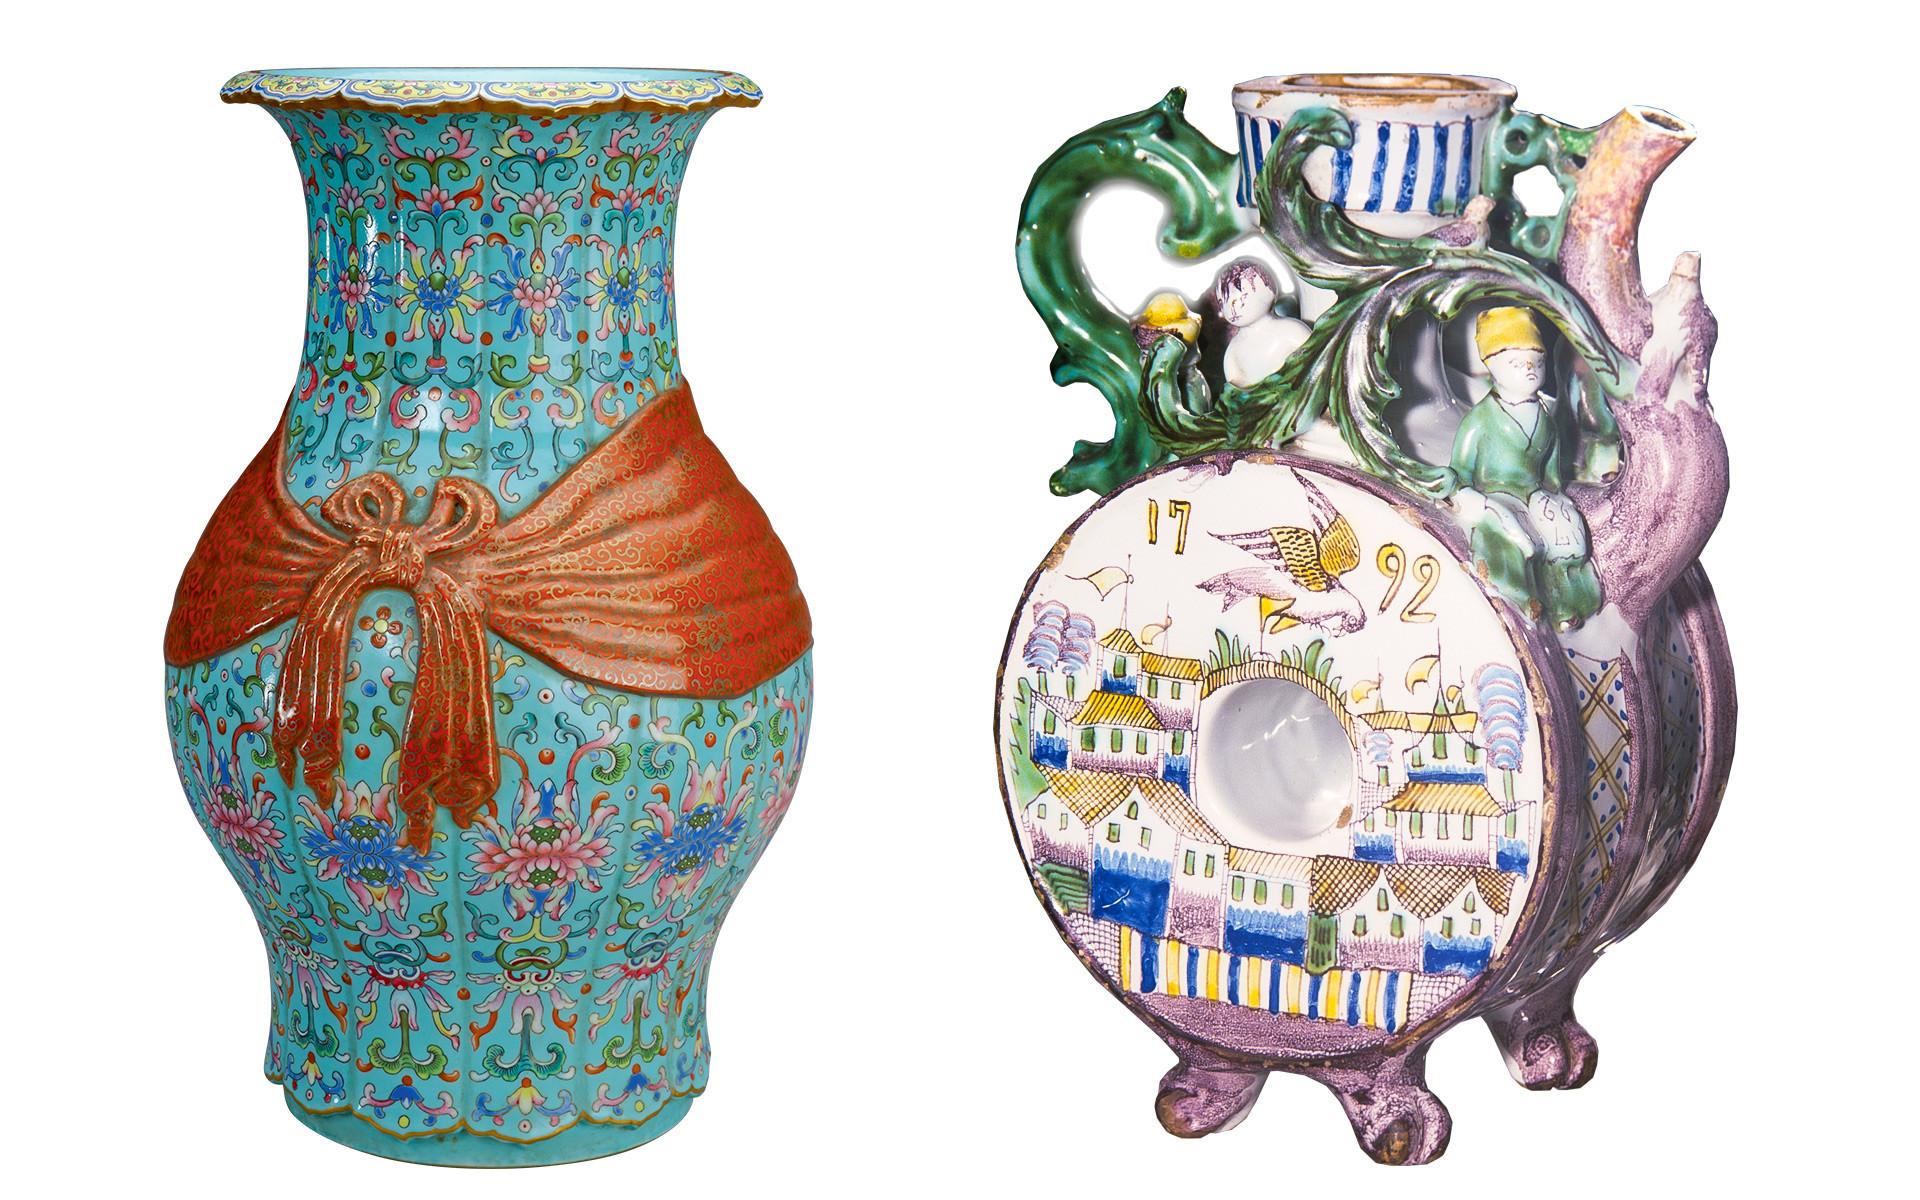 Levo: vaza Baofu, desno: vrč Majolika iz 18. stoletja, Osrednji umetniški dom v Moskvi